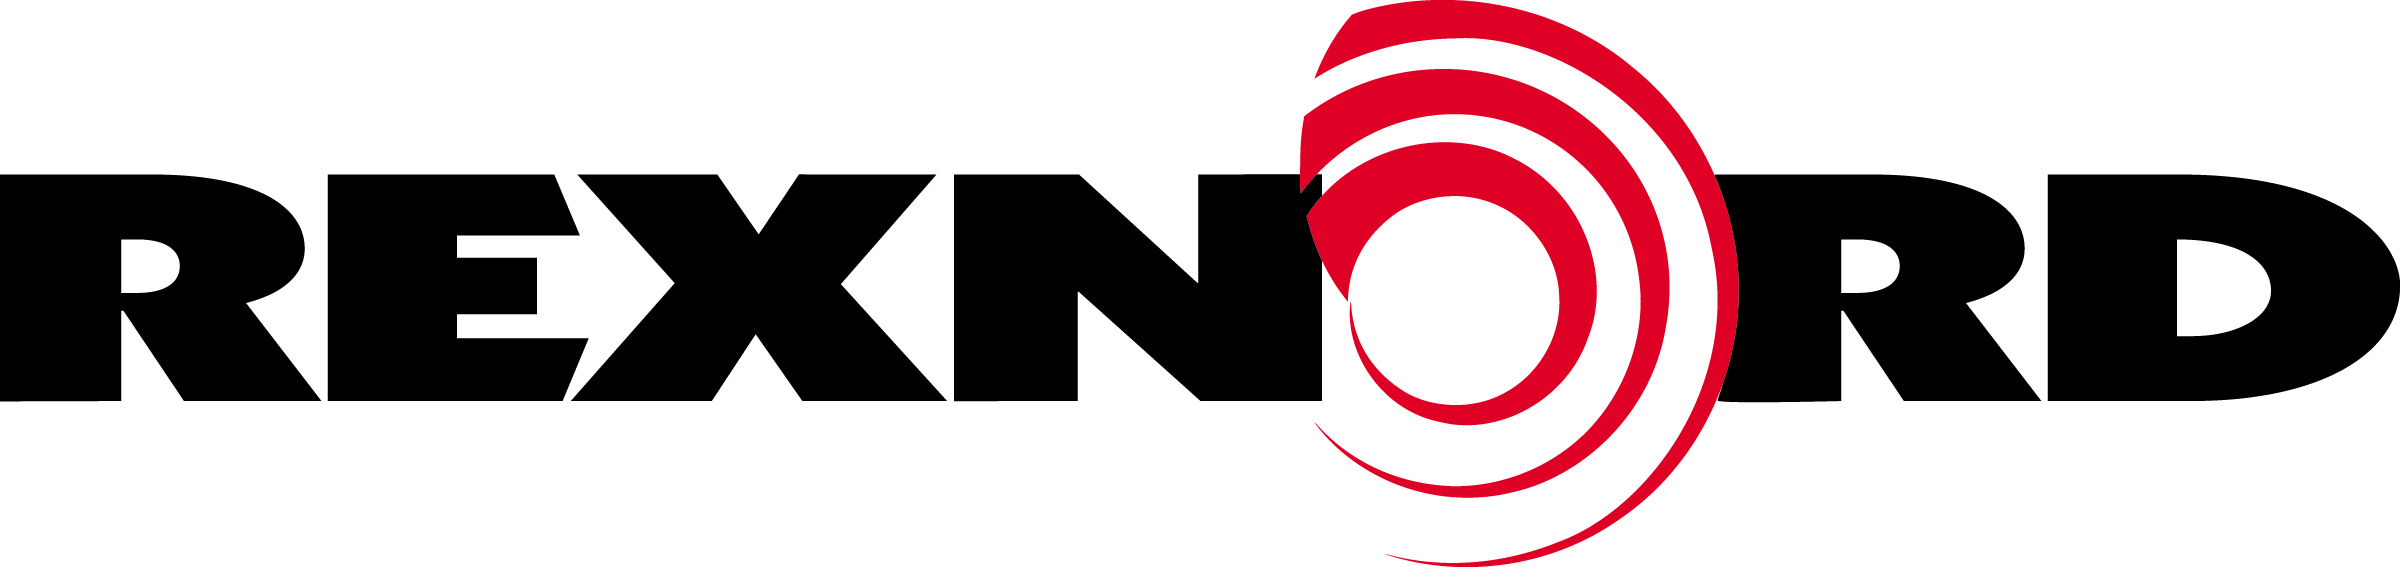 REXNORD new logo no tag -.jpg